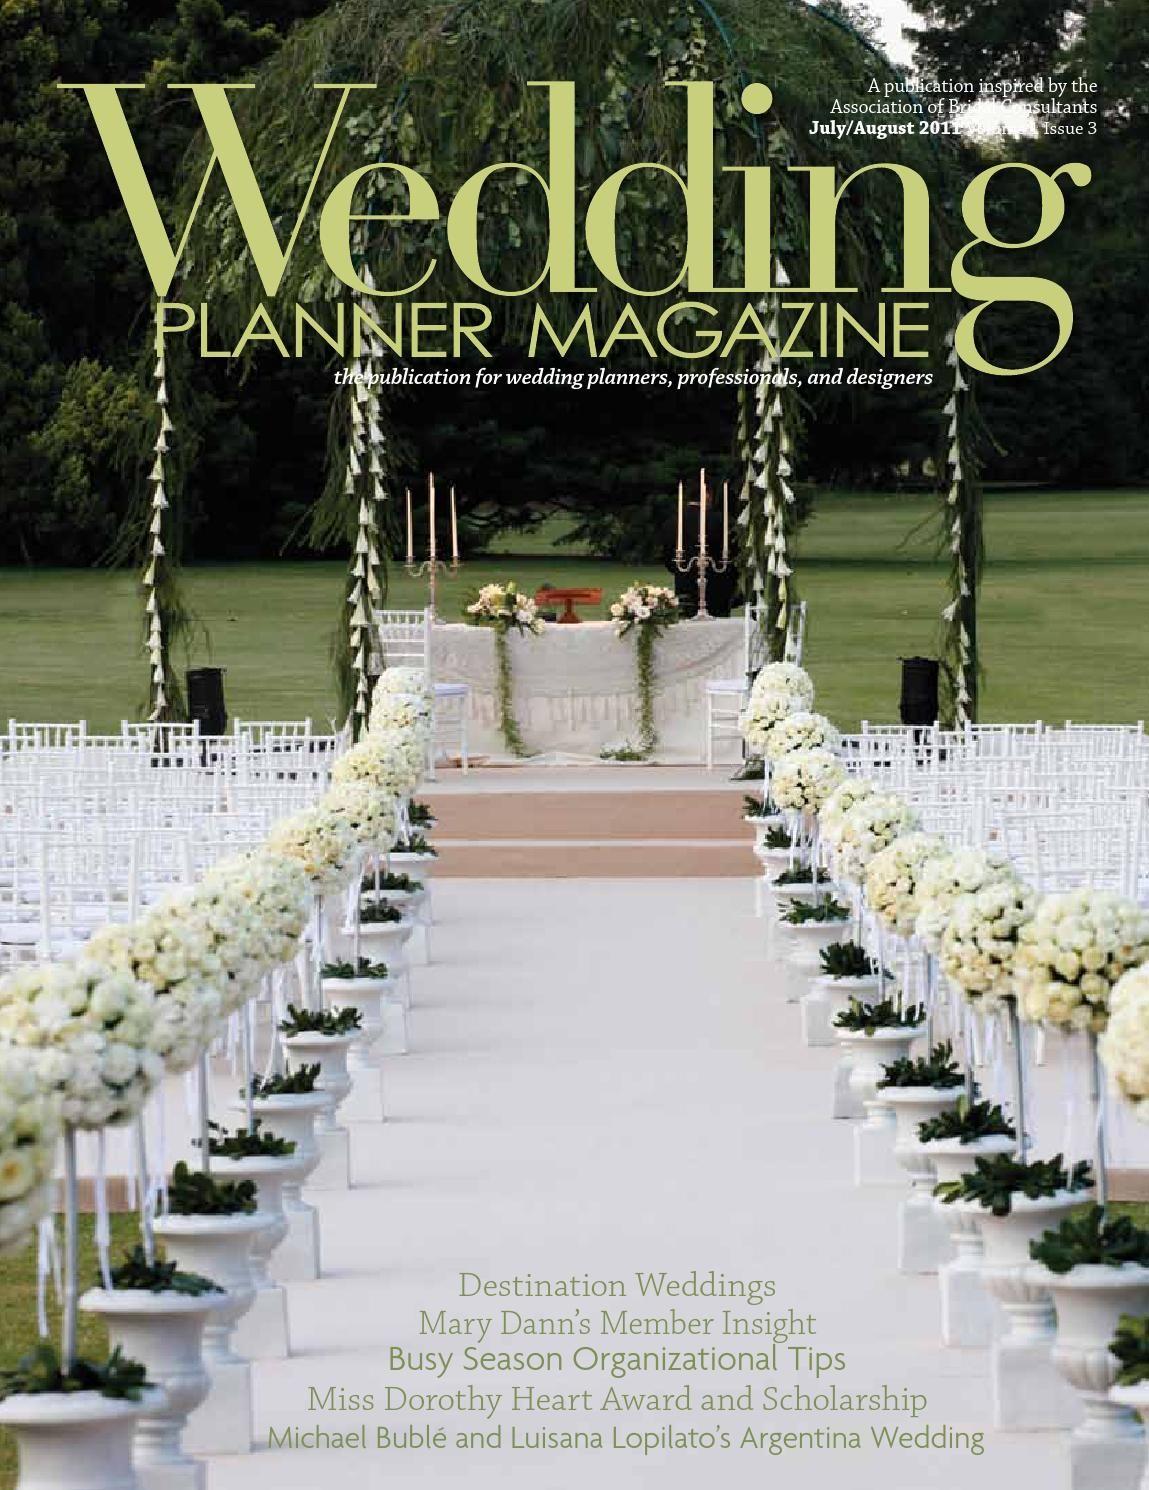 Wedding Planner Magazine Volume 1 Issue 3